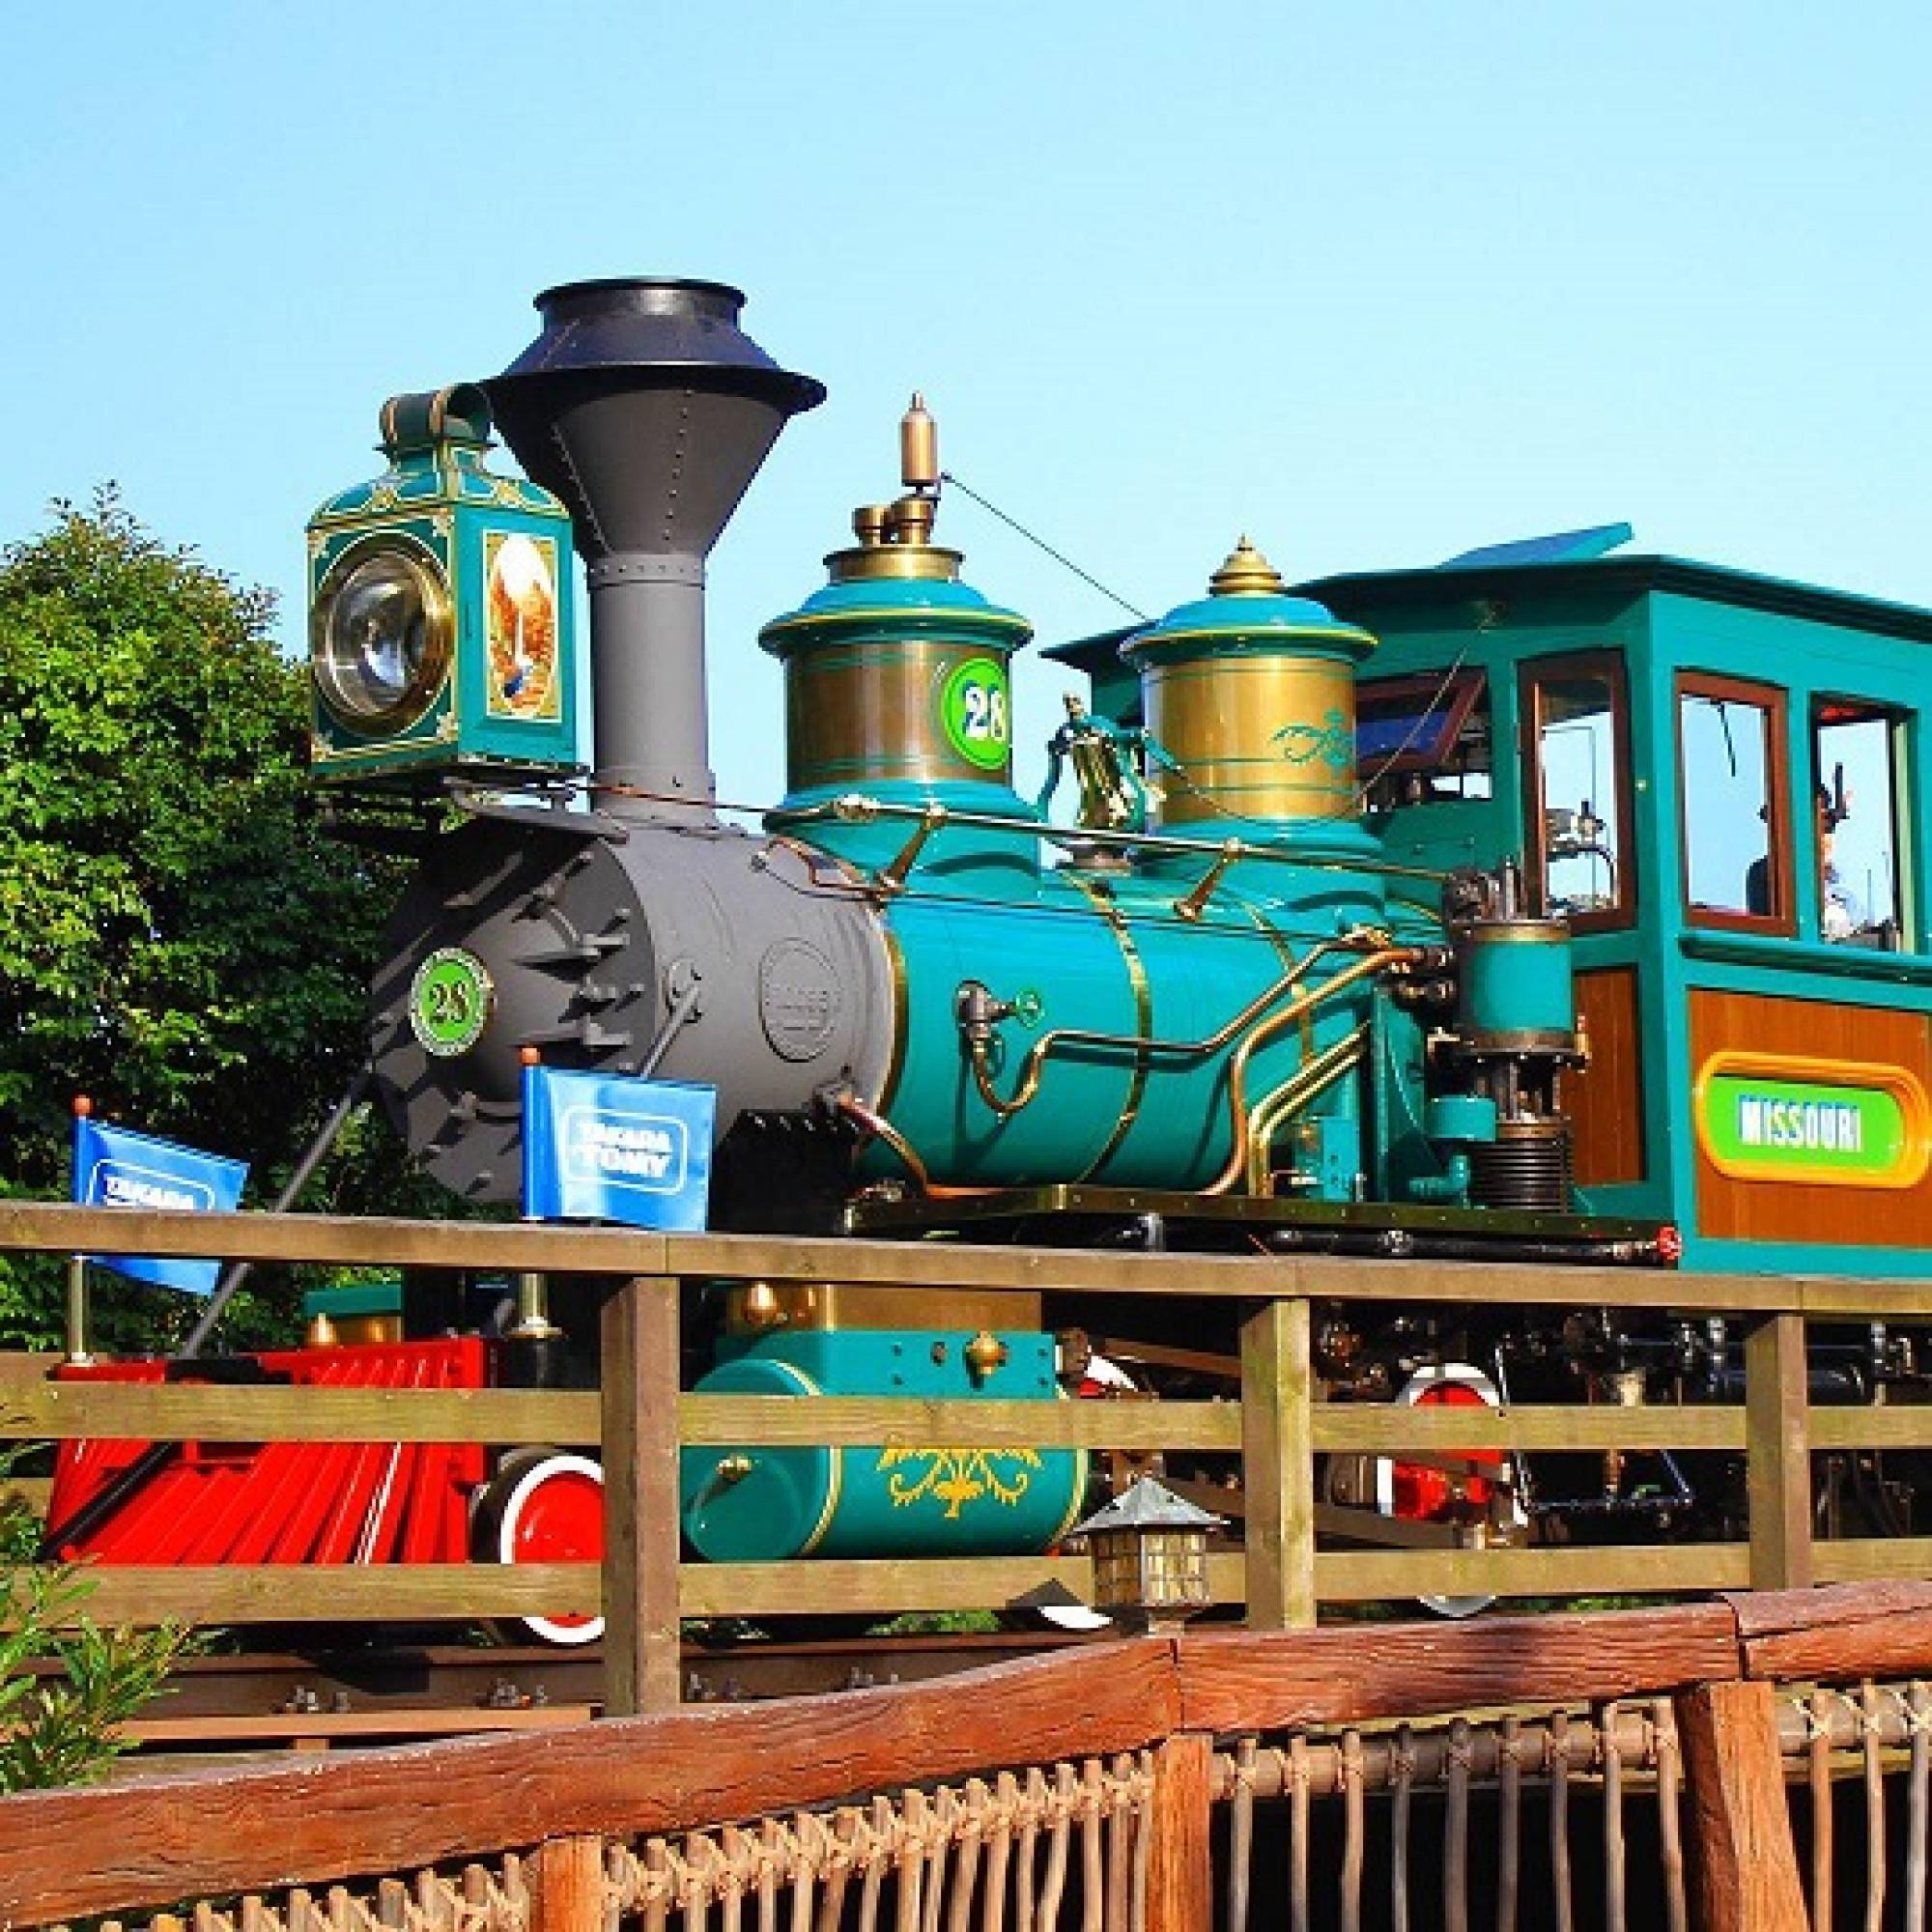 あなたはどの機関車に乗ったことがありますか?